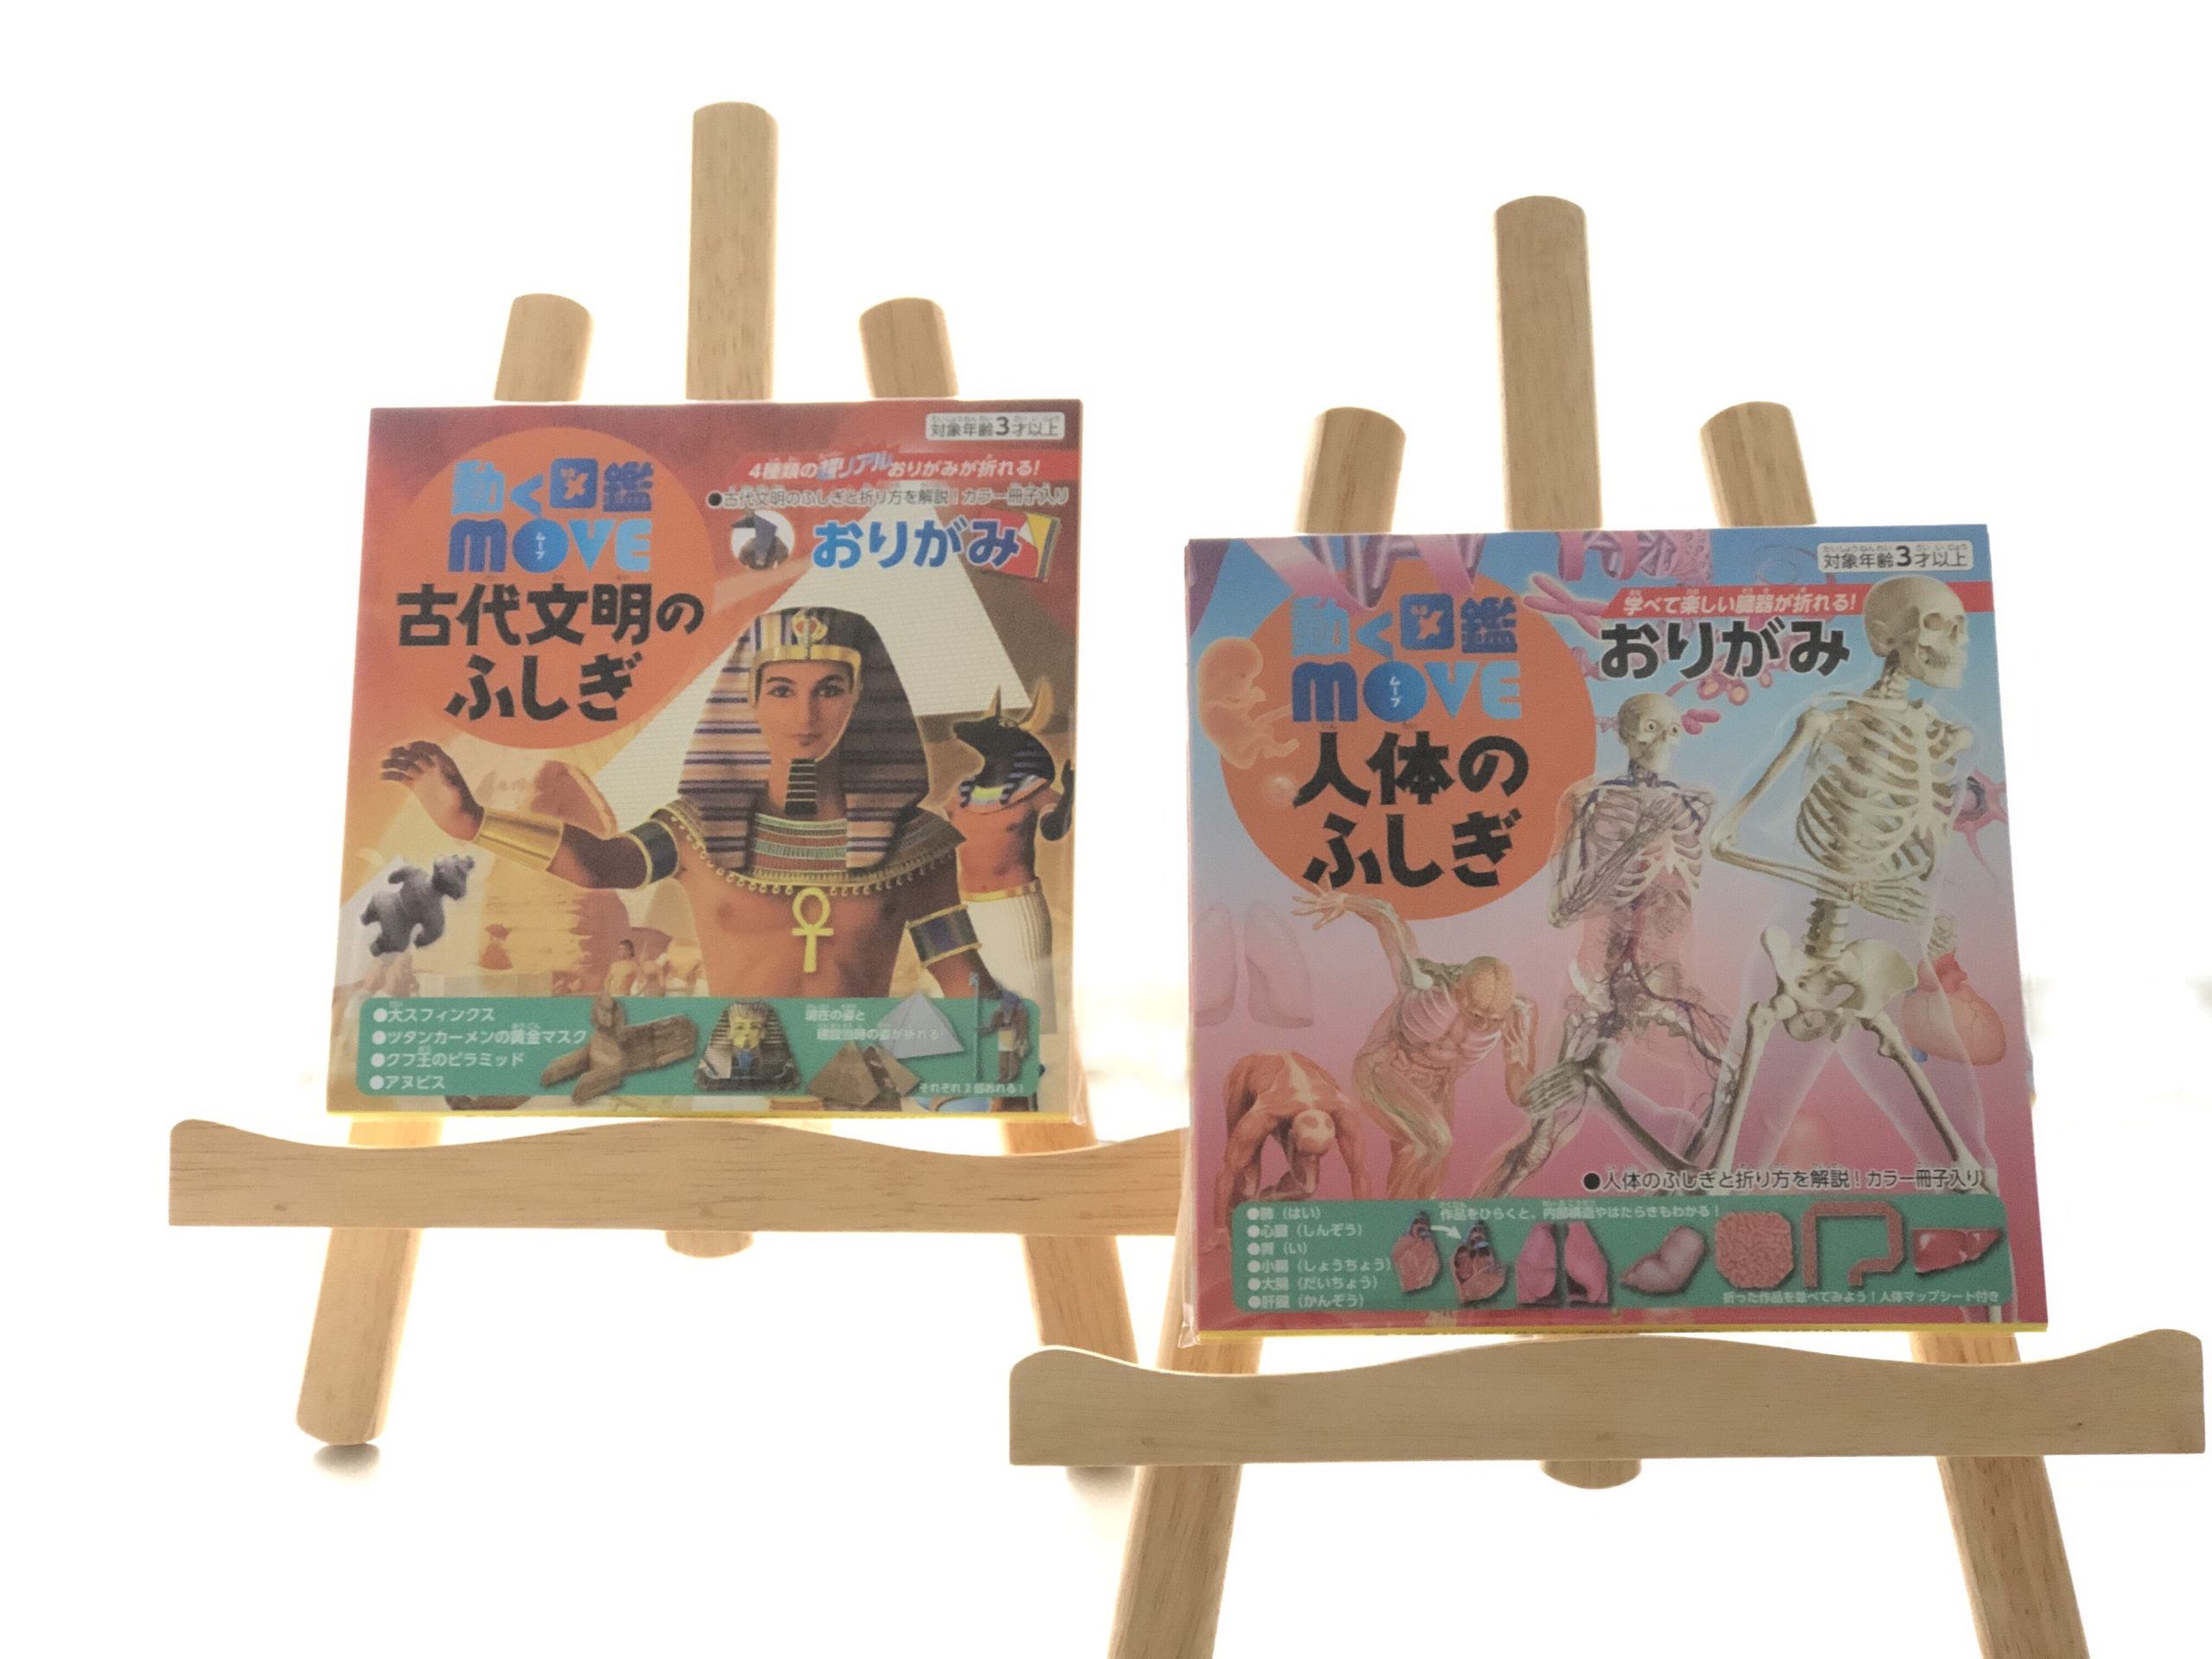 あの学研さんの人気図鑑『動く図鑑move』に折り紙シリーズ登場!